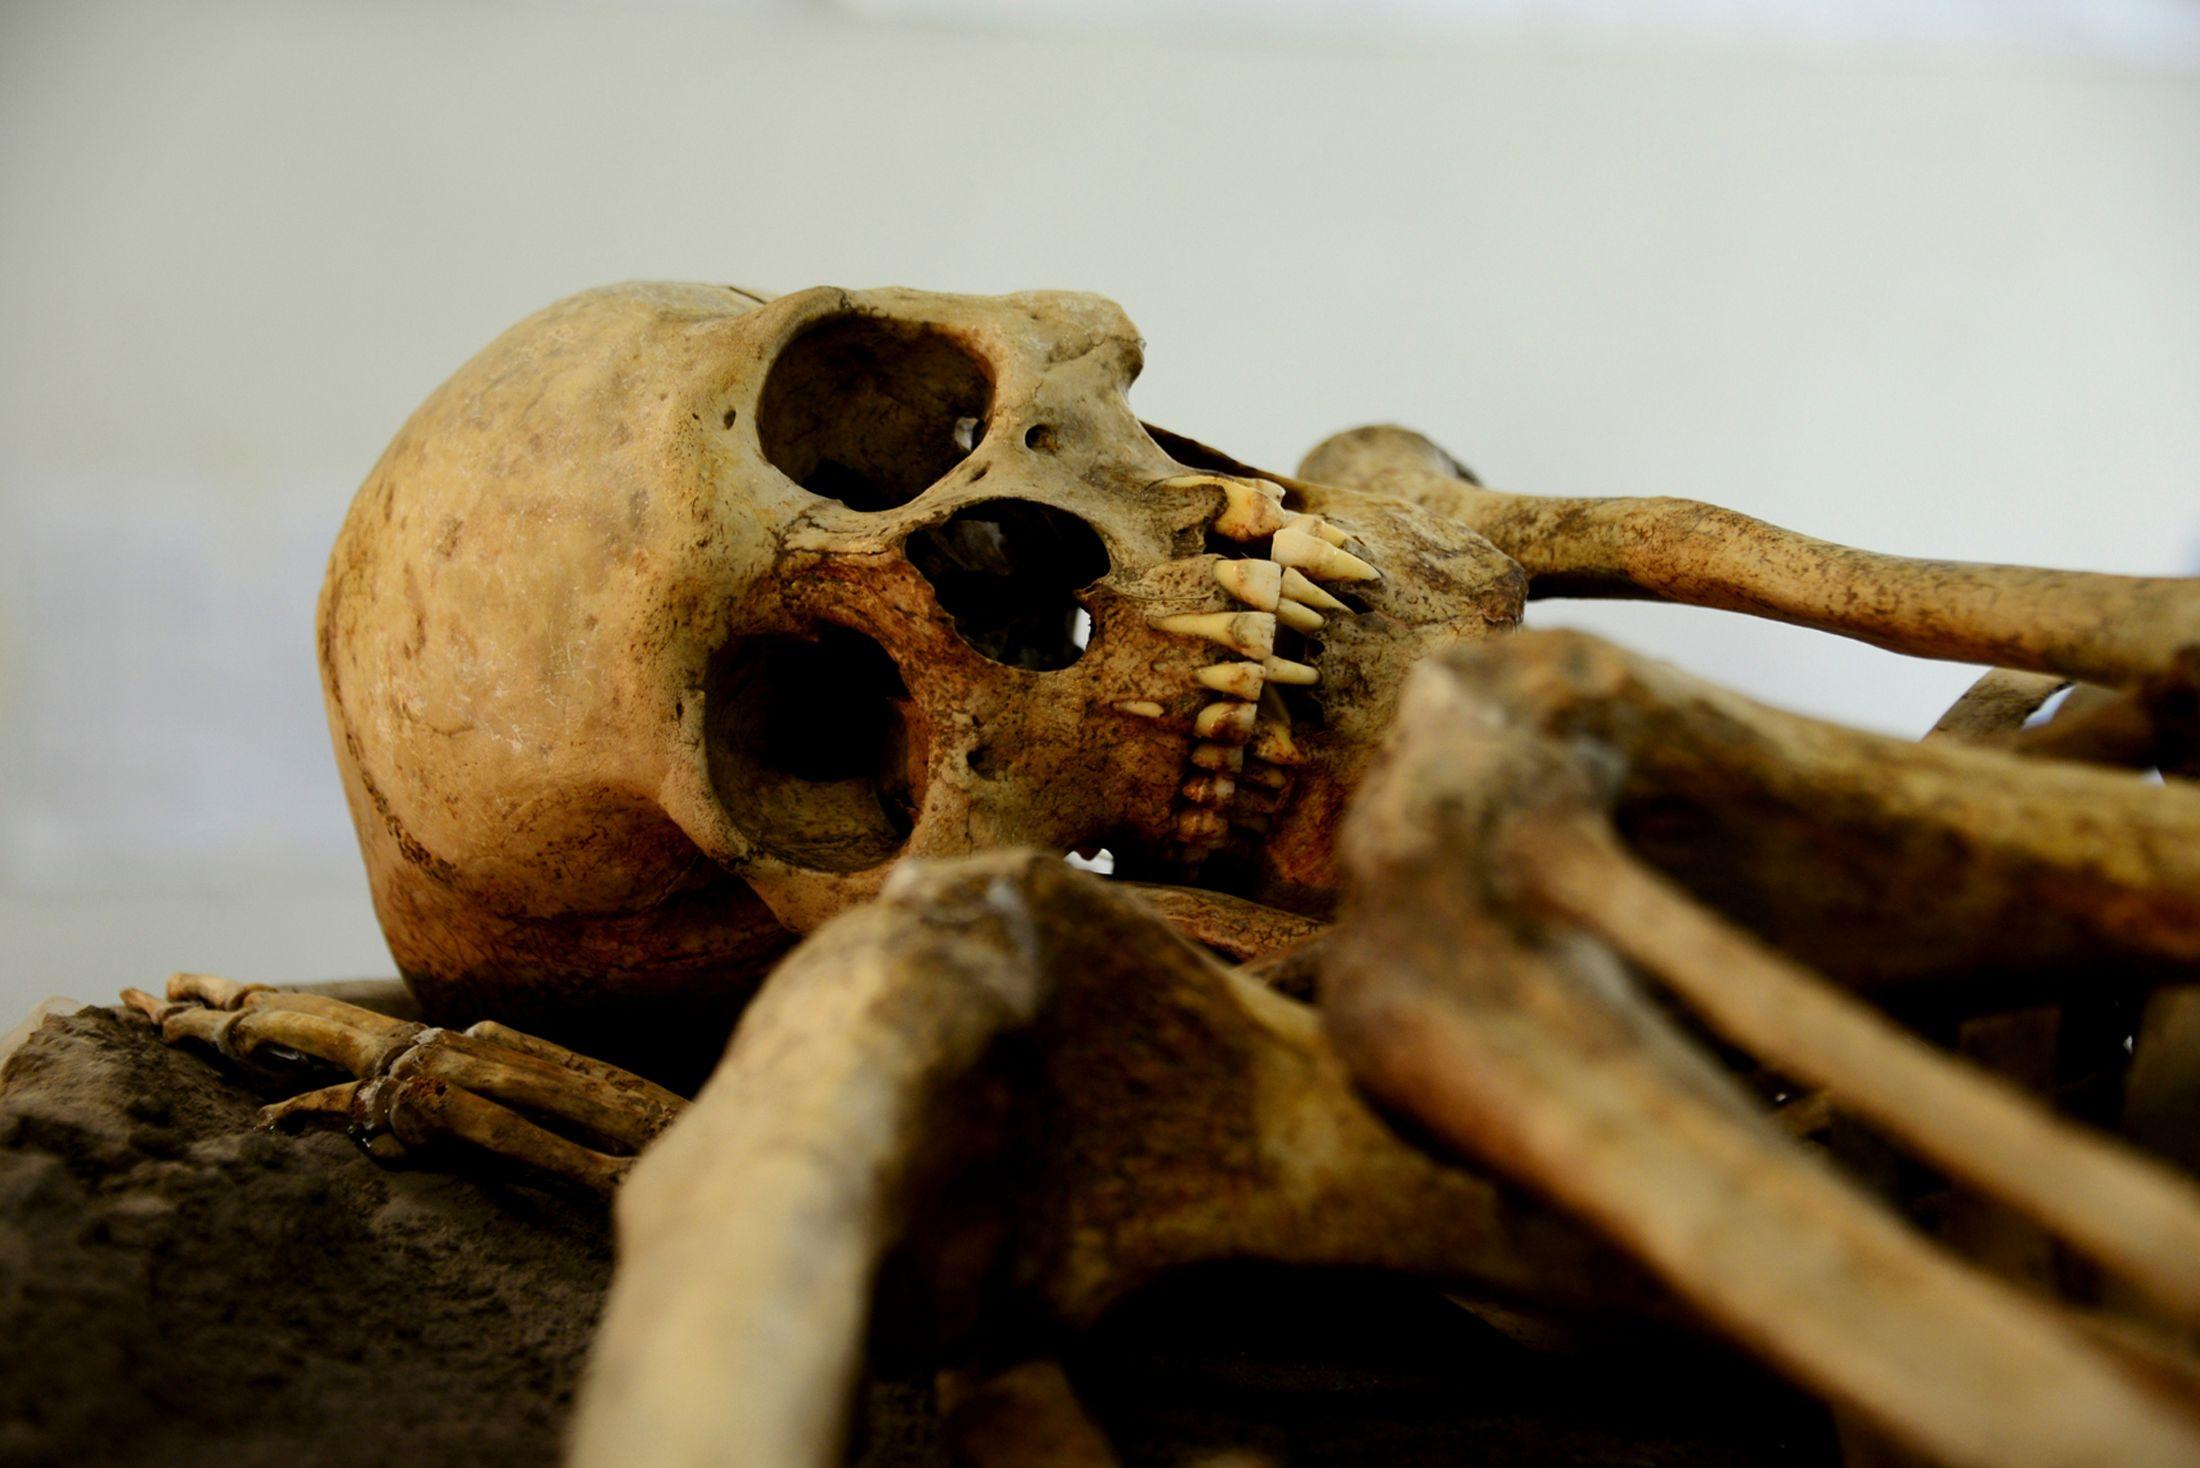 Les hommes préhistoriques avaient mauvaise haleine